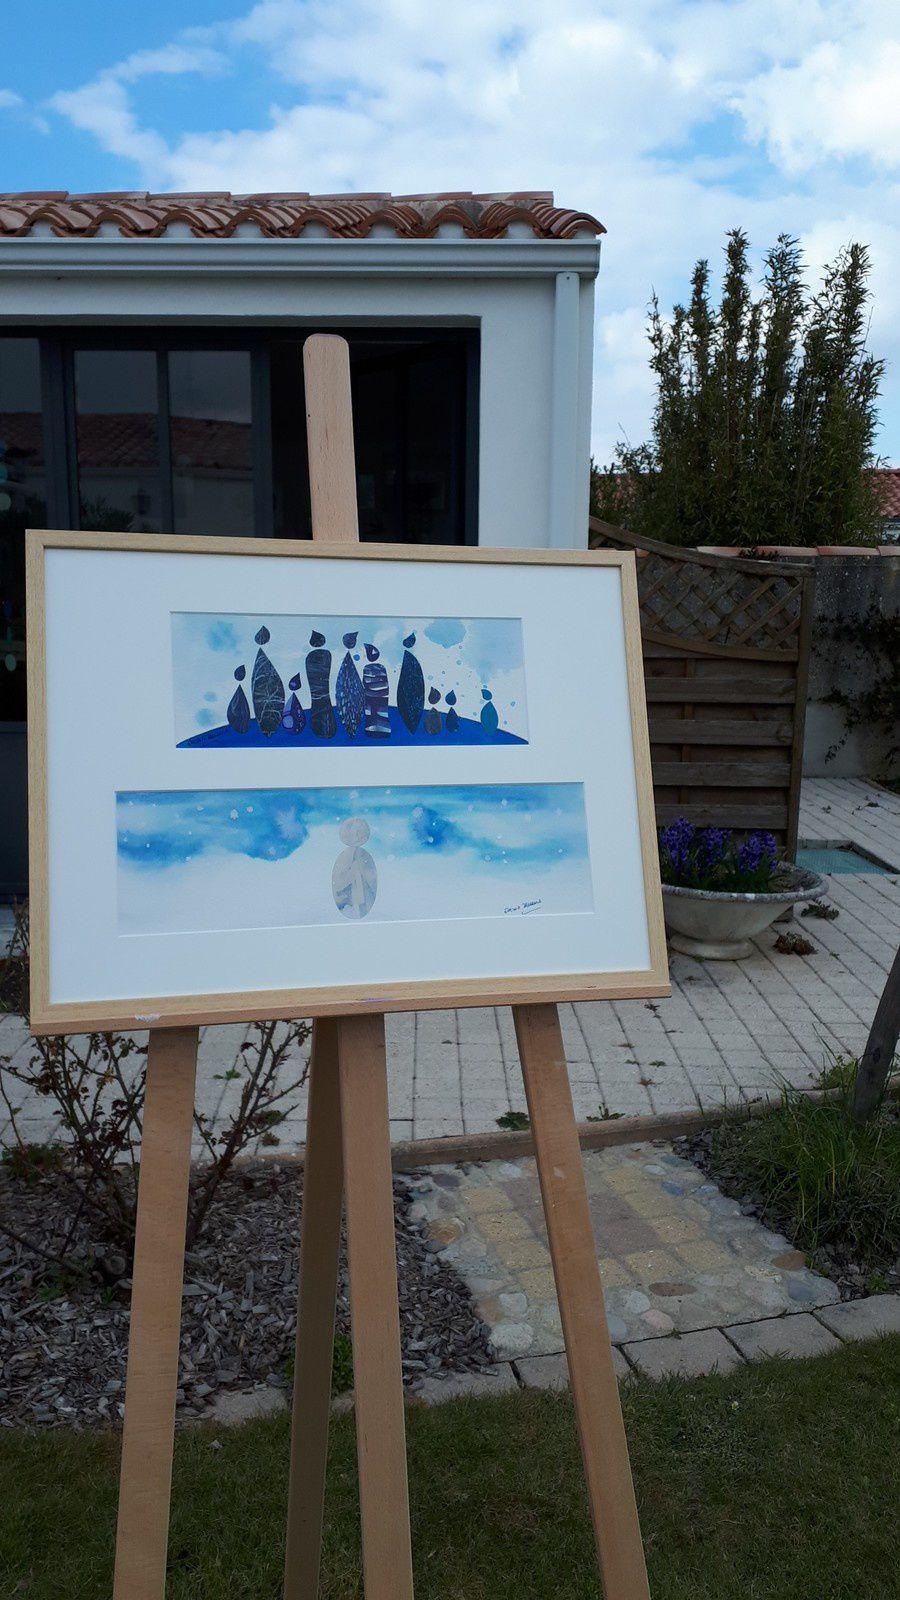 """Les Collages d'eMmA MessanA. Collages """"Laver les chagrins"""" et """"Bonhomme de neige"""", pièces uniques © eMmA MessanA"""